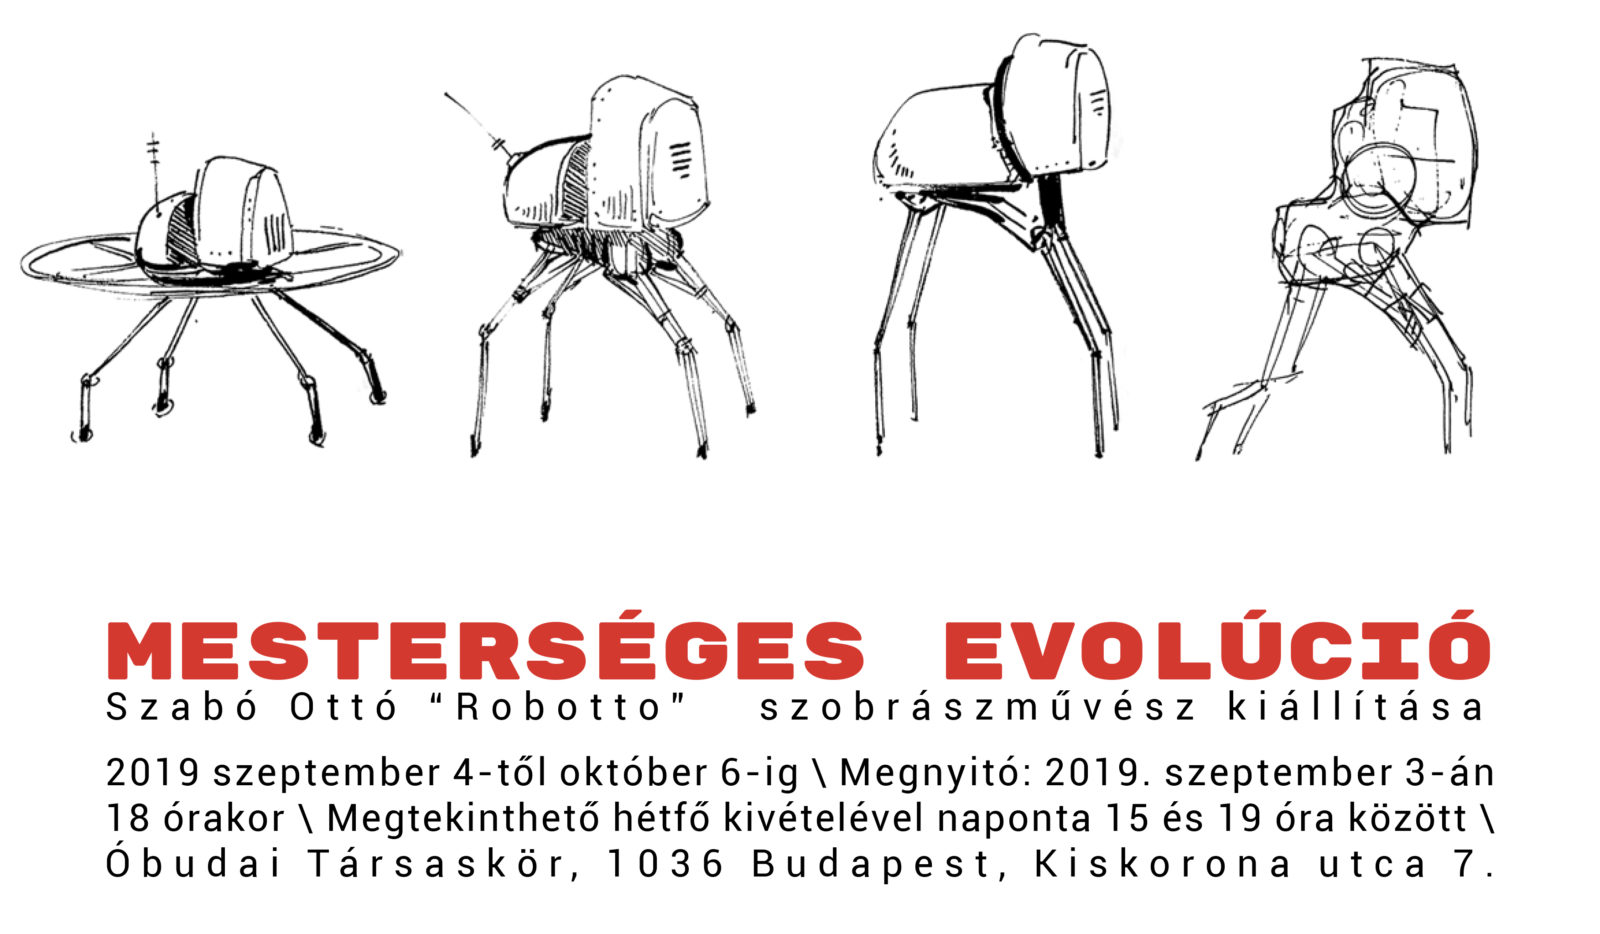 Mesterséges evolúció